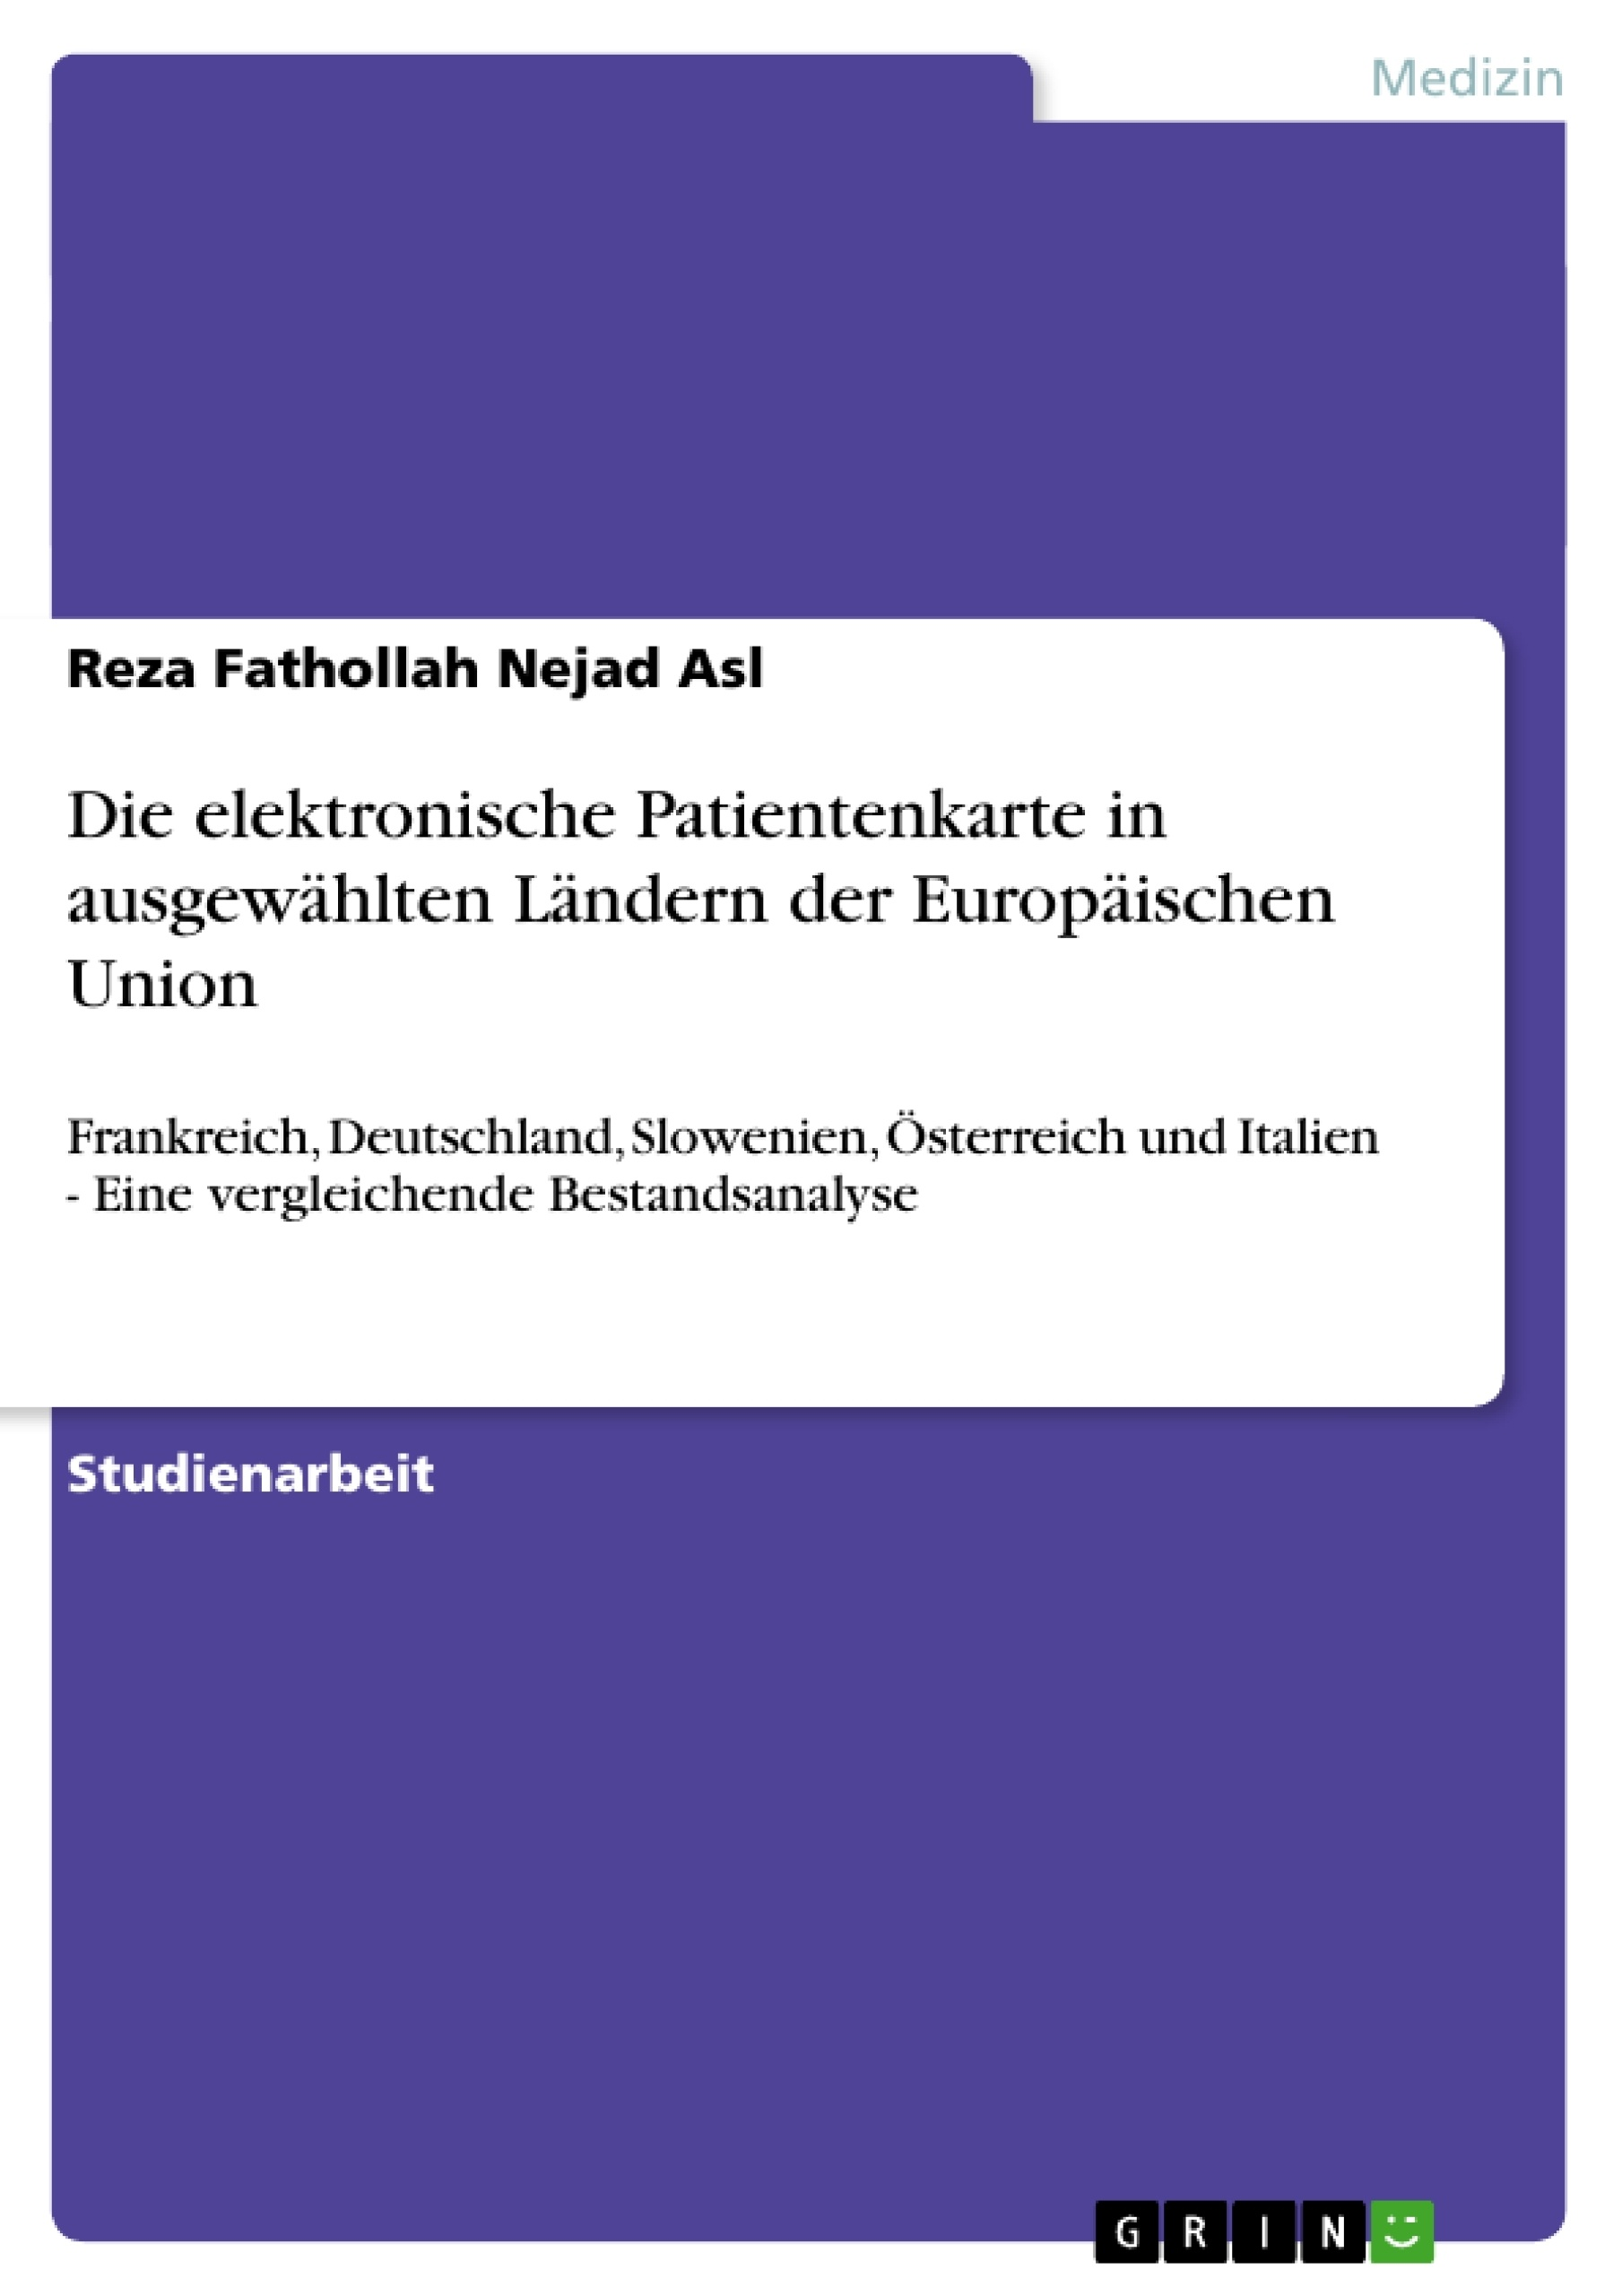 Titel: Die elektronische Patientenkarte in ausgewählten Ländern der Europäischen Union